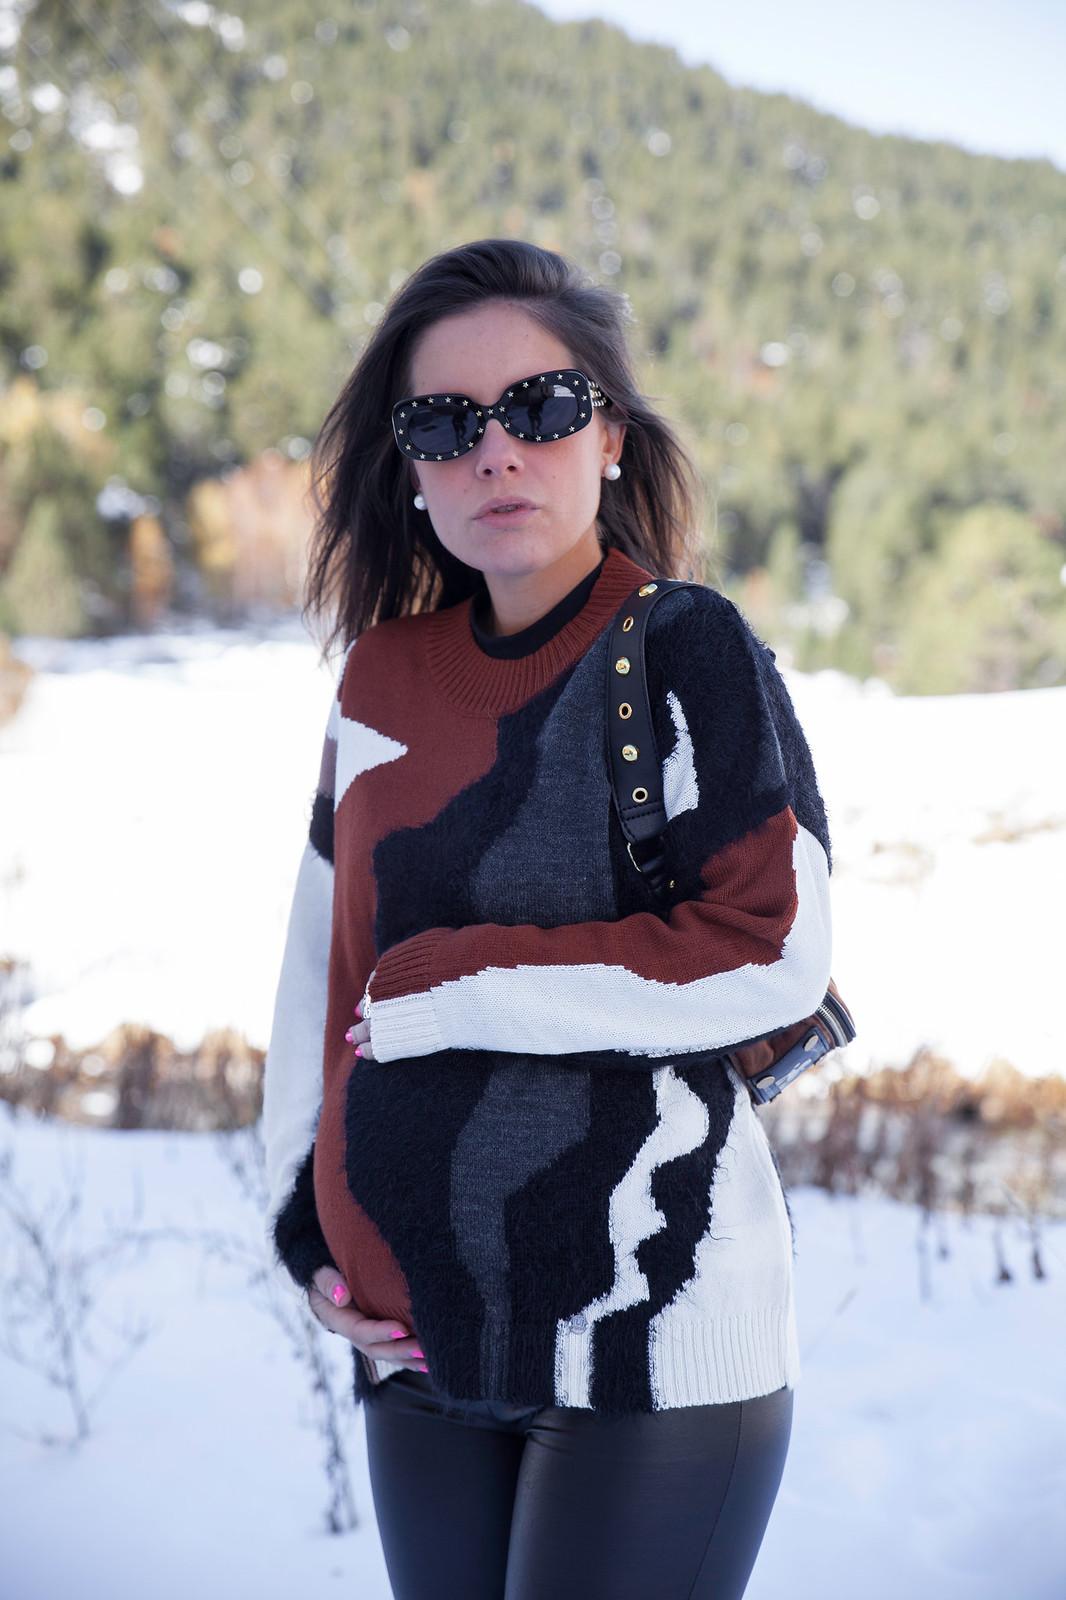 05_combinar_jersey_marron_outfit_nieve_embarazada_theguestgirl_embarazo_33semanas_pregnant_style_influencer_barcelona_look_comodo_apres_ski